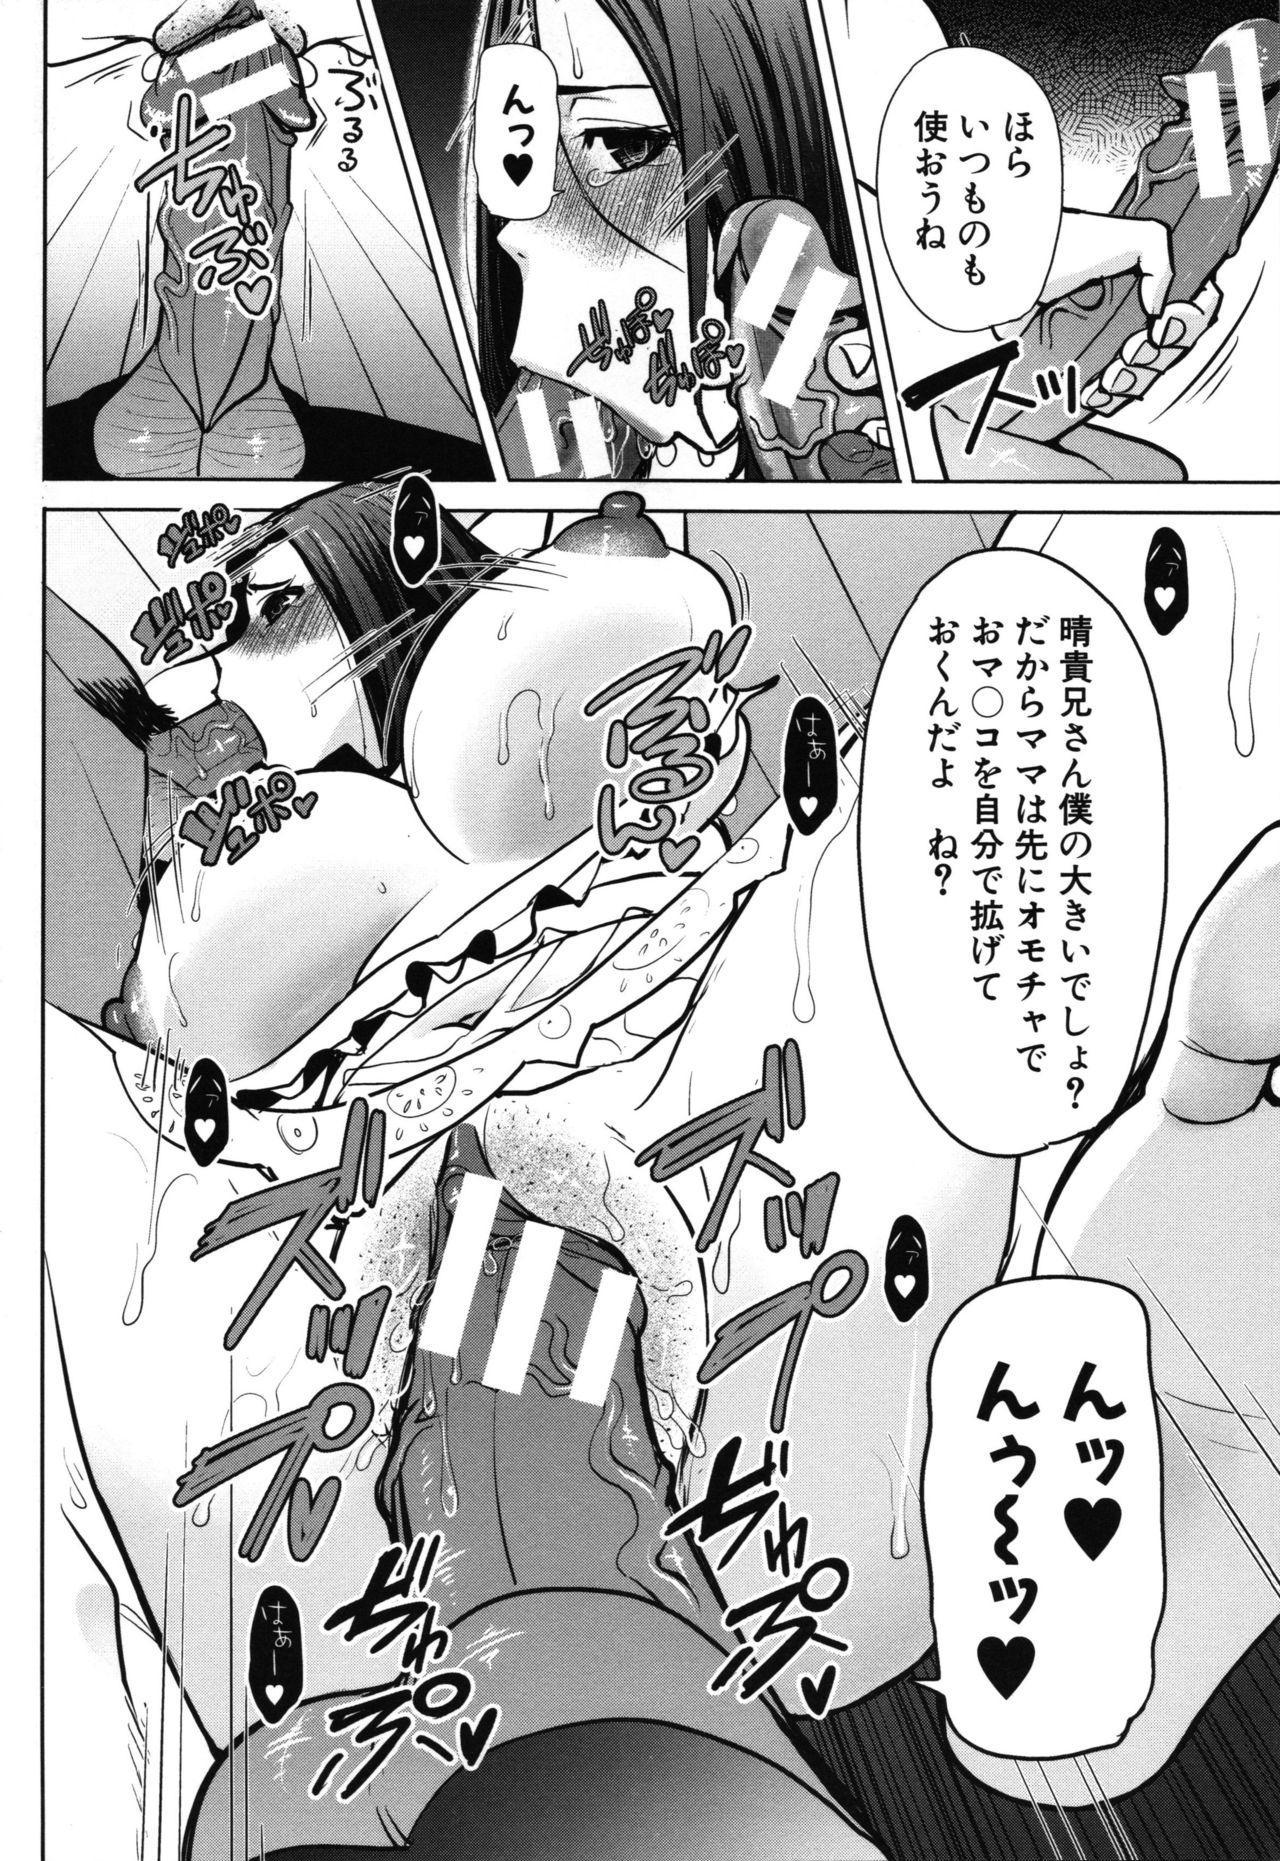 Unsweet - Asahina Ikka Netorareta Haha · Tomoko 159